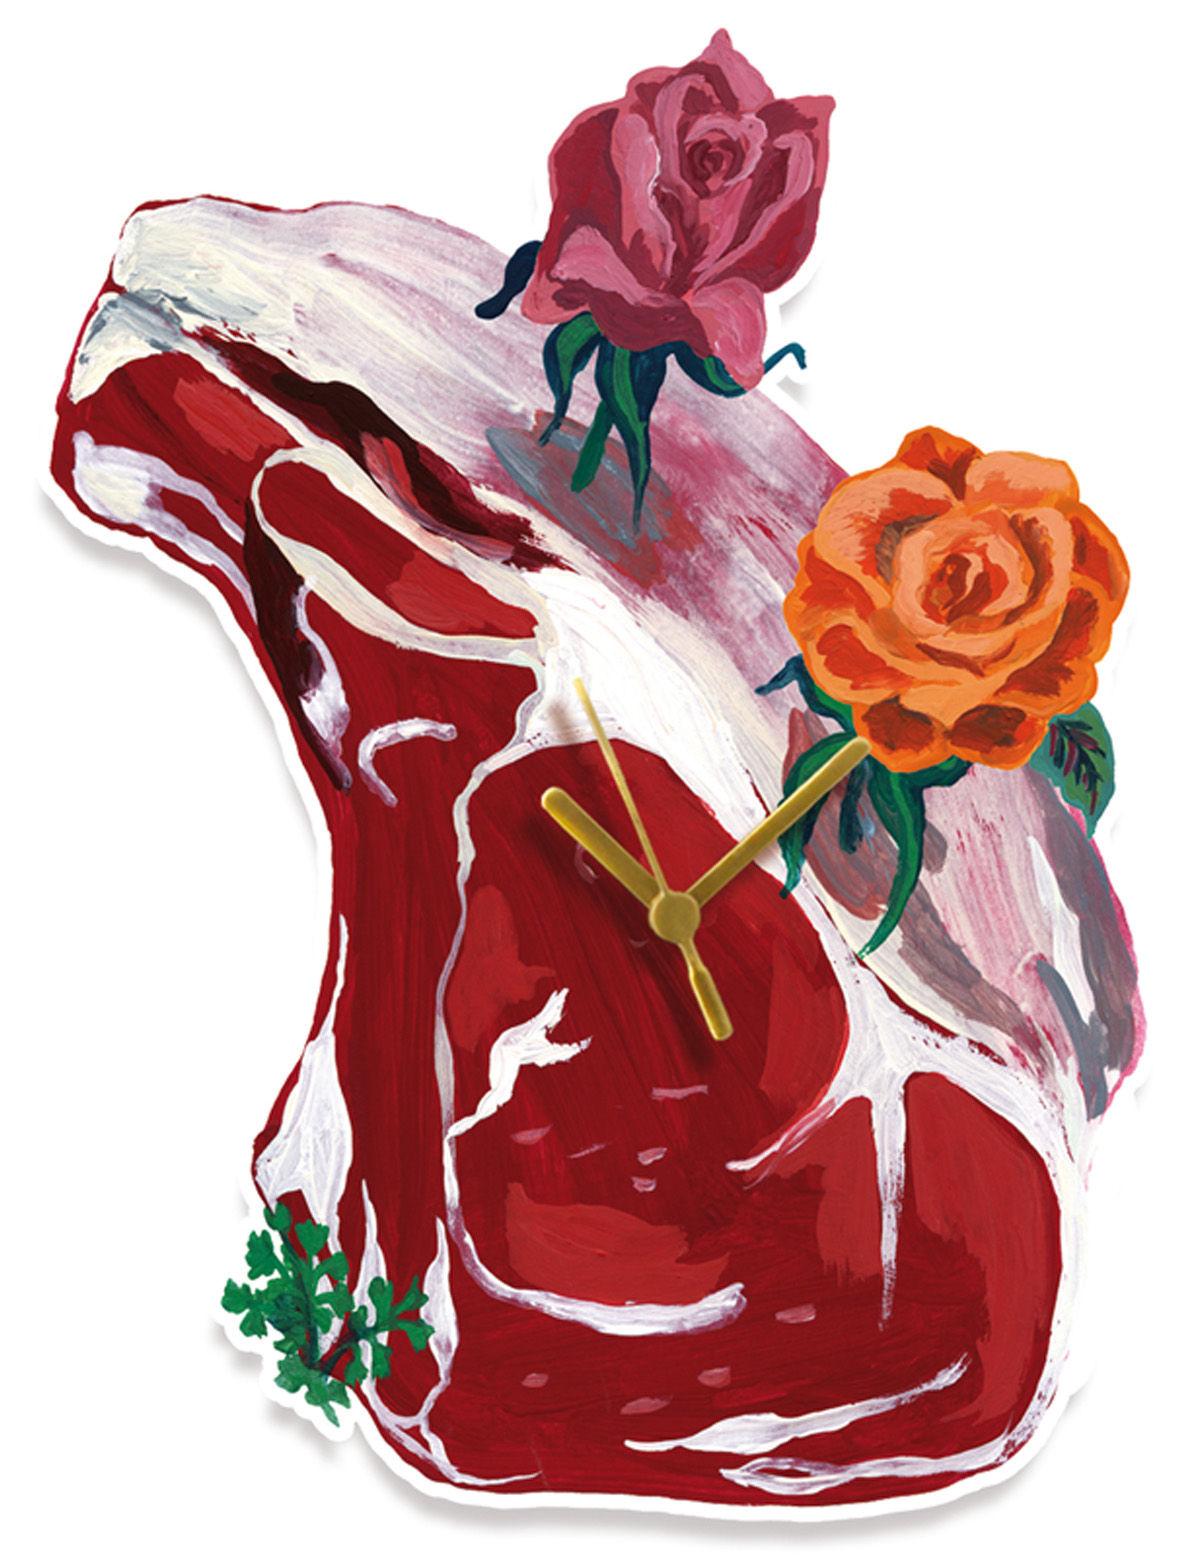 Interni - Insoliti e divertenti - Orologio murale Pièce de boucher di Domestic - Pièce de boucher - Forex stampato